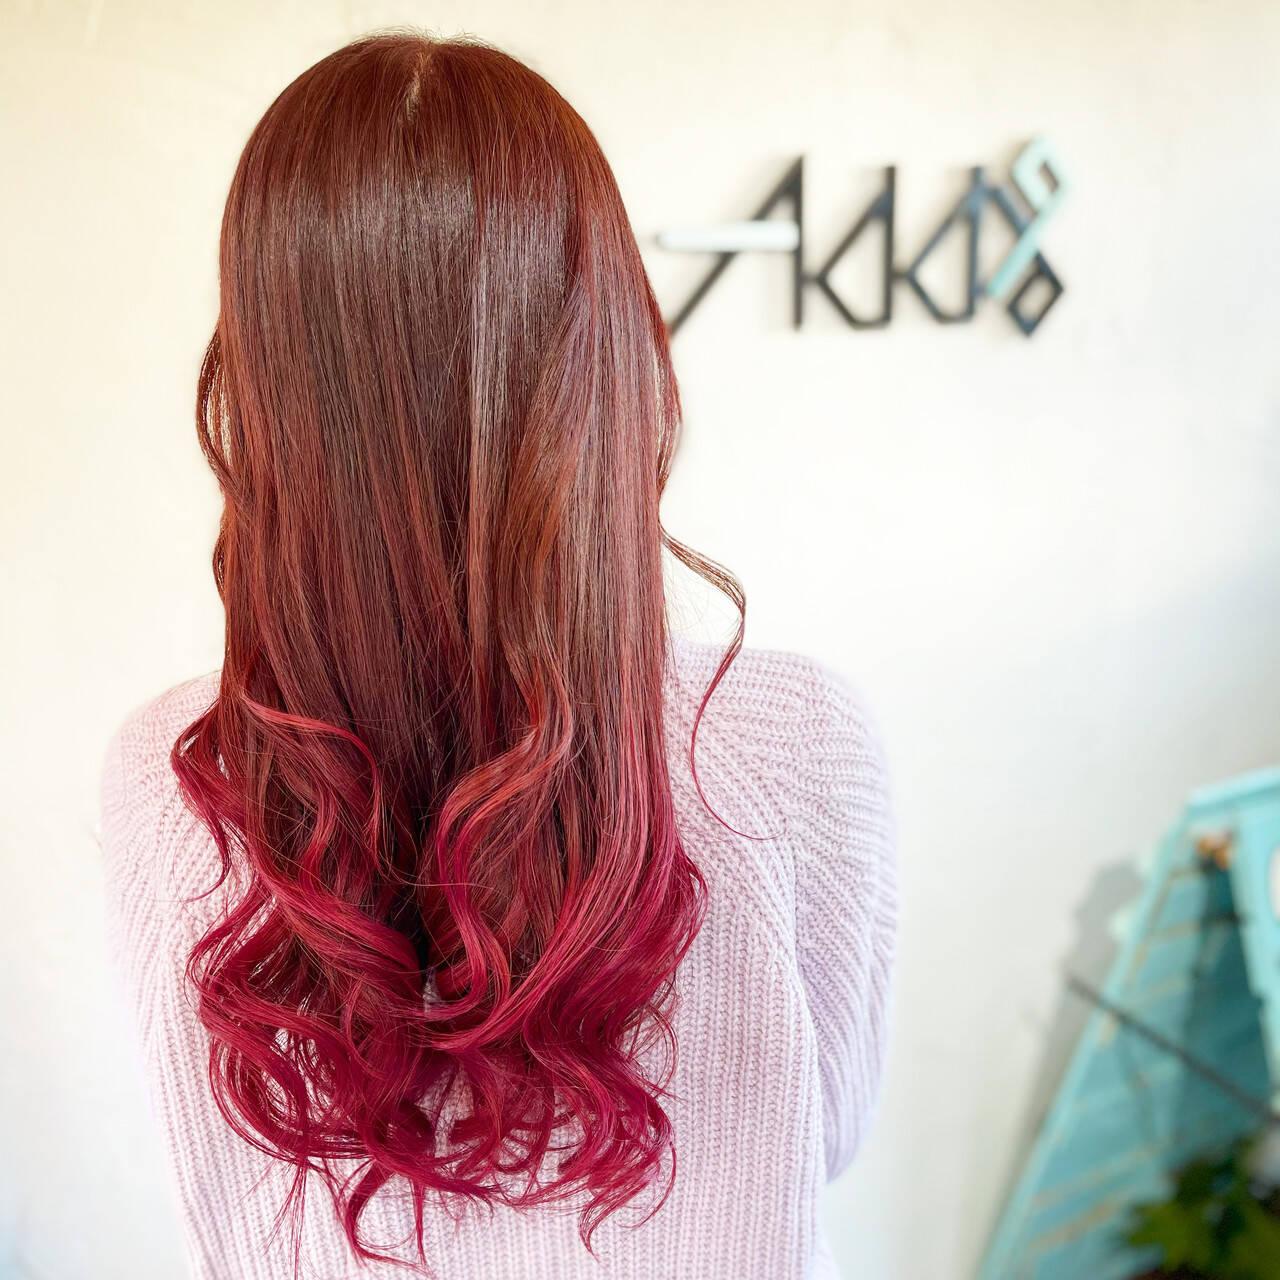 ピンクバイオレット 韓国風ヘアー エレガント バレイヤージュヘアスタイルや髪型の写真・画像